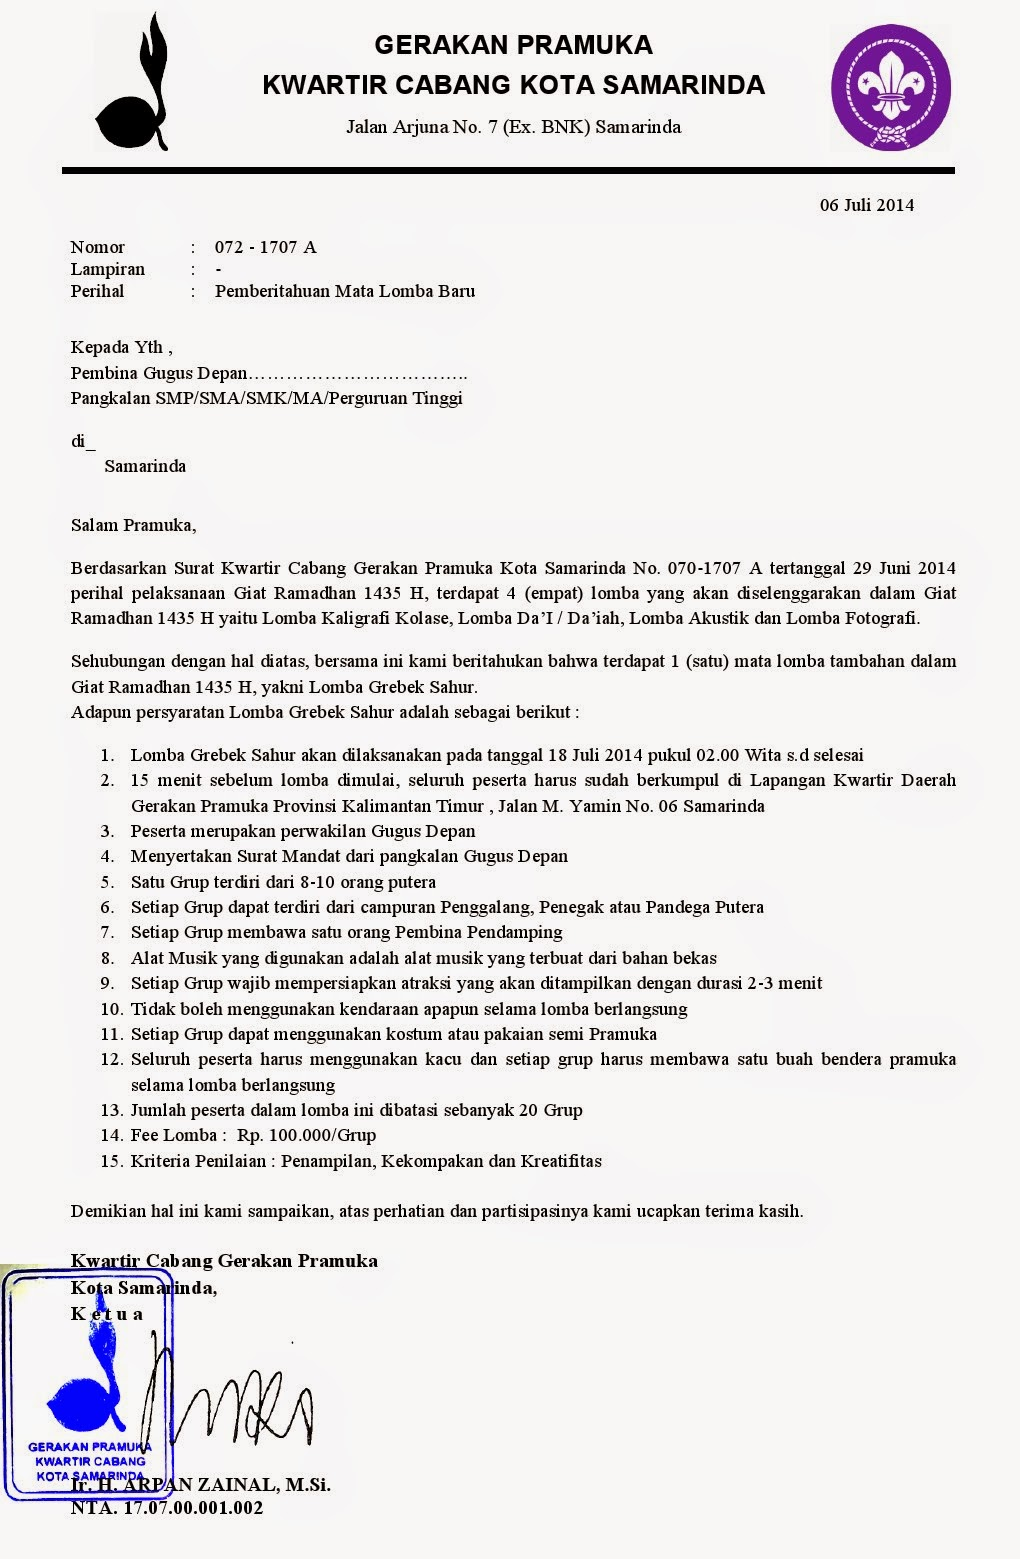 Contoh Surat Pengunduran Diri Dari Organisasi Pramuka ...